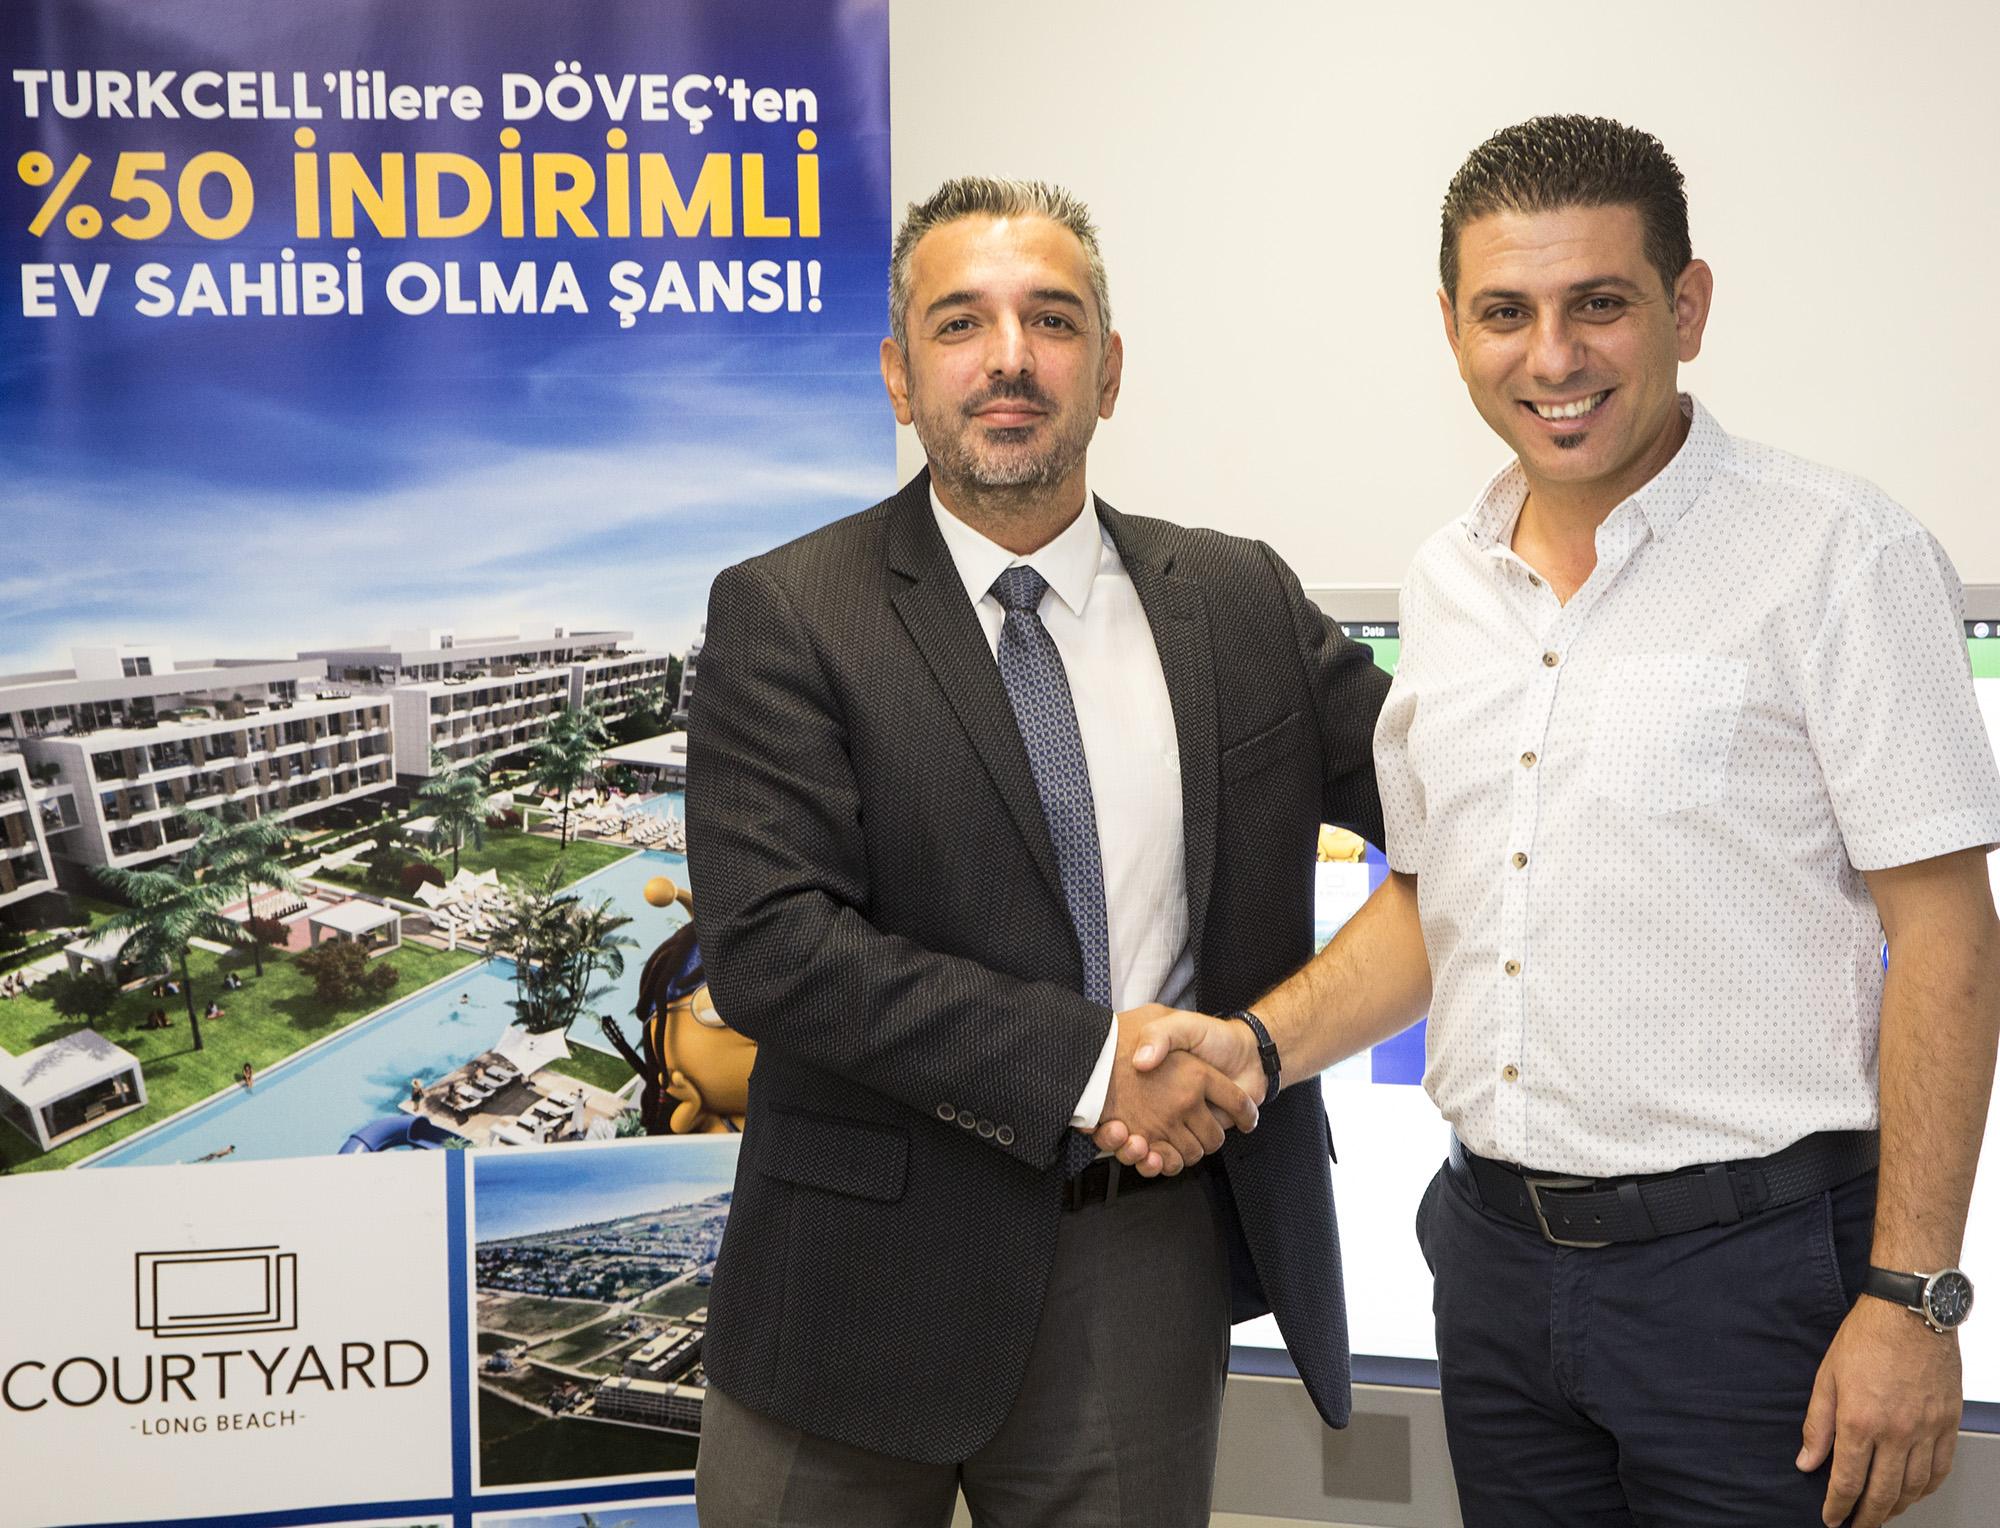 Kuzey Kıbrıs Turkcell ve Döveç Construction işbirliğinde çekiliş gerçekleşti